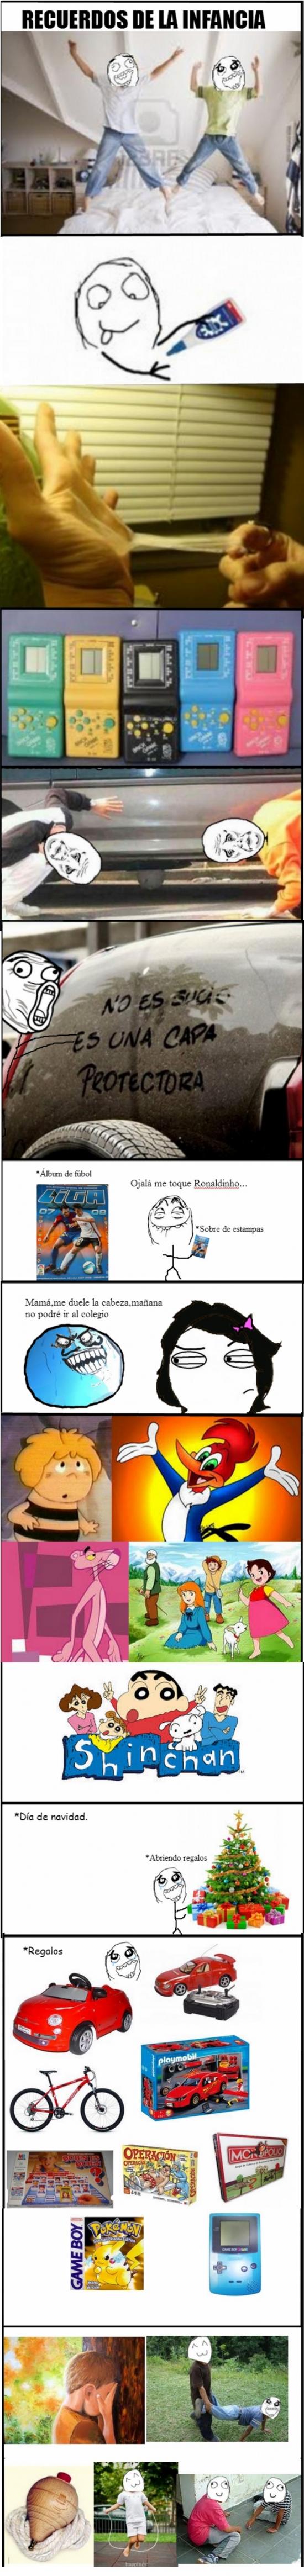 memes recuerdos de la infancia